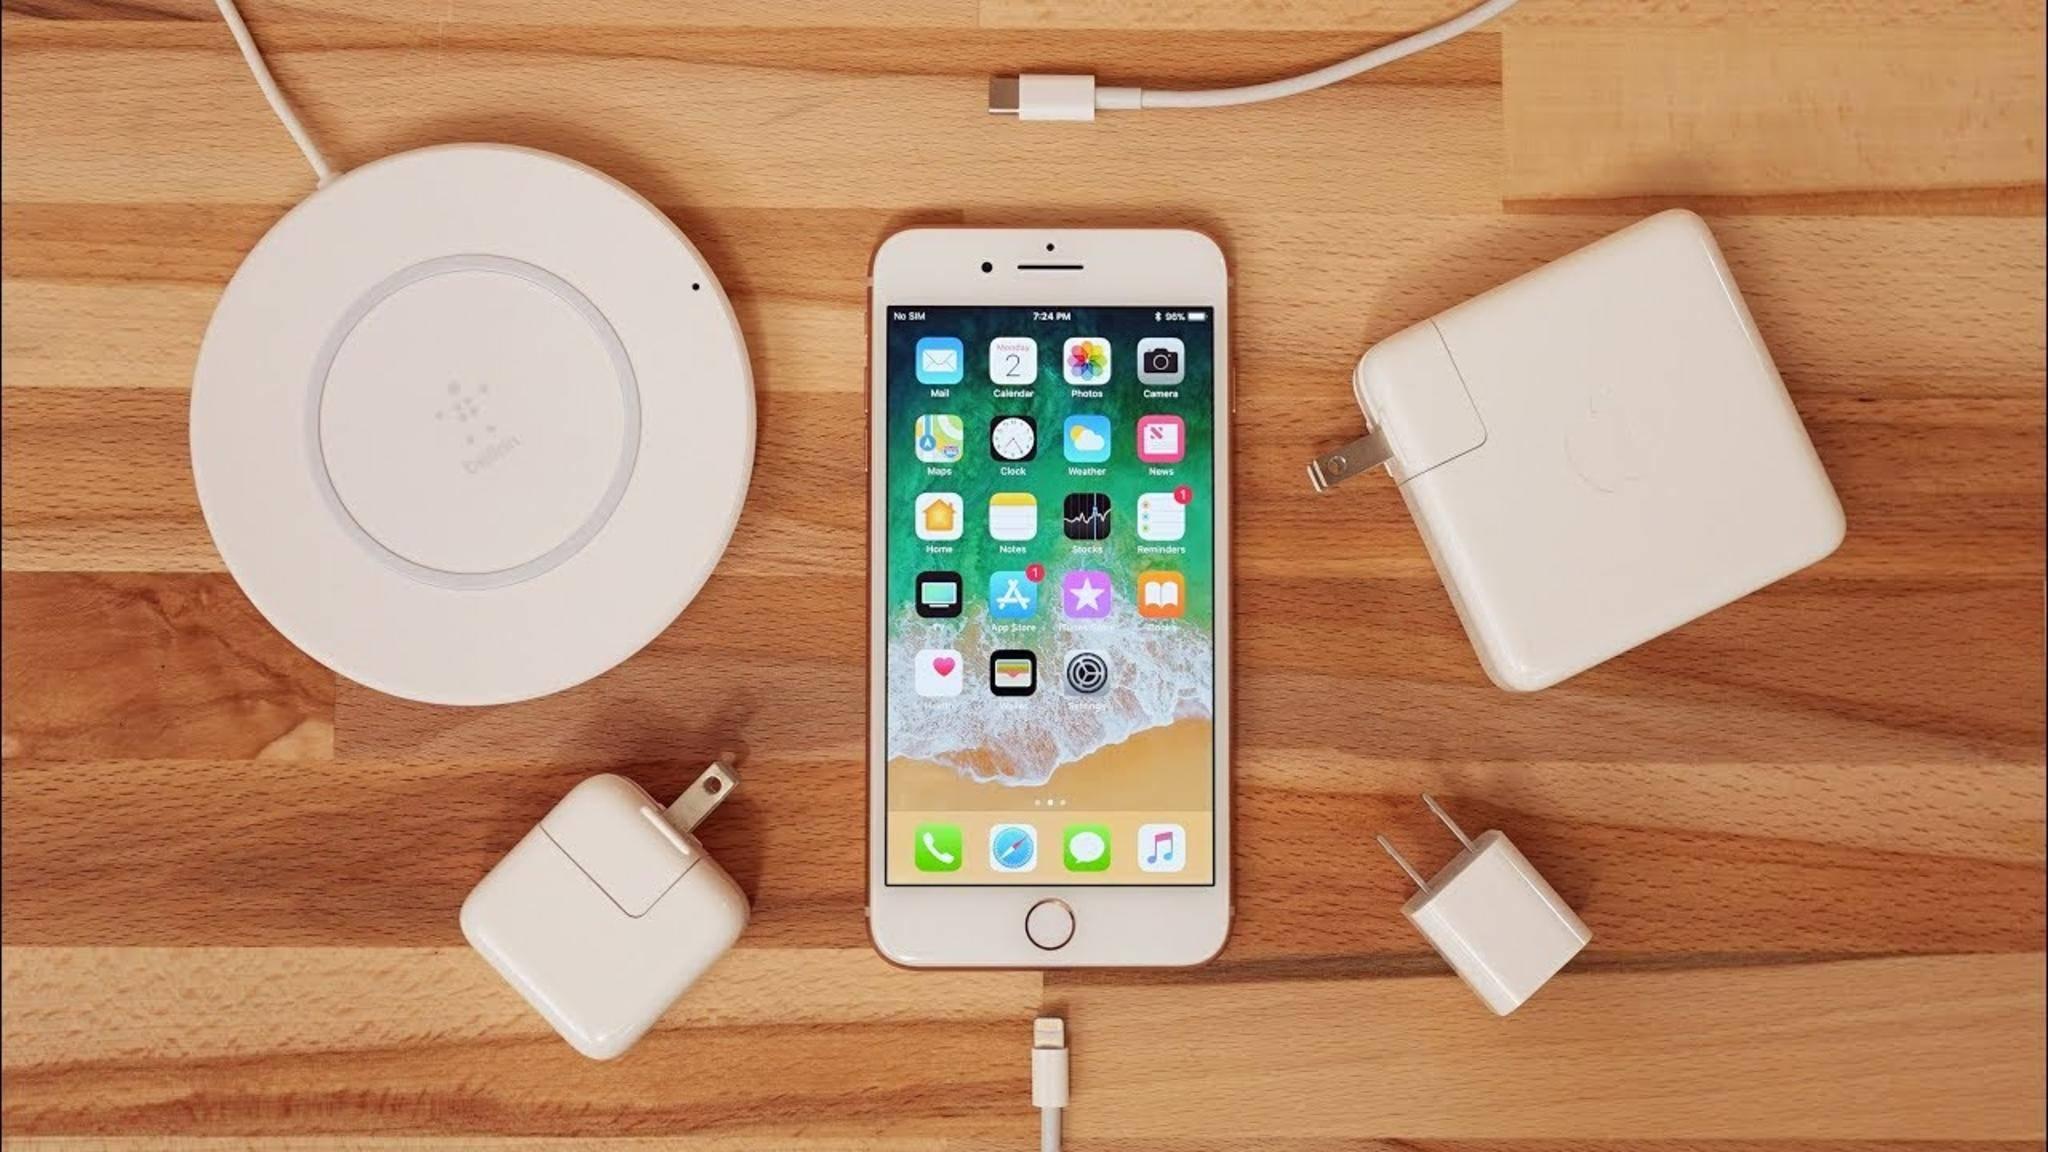 Wir haben fünf Ladegeräte zusammengestellt, mit denen Du Dein iPhone besonders schnell aufladen kannst.